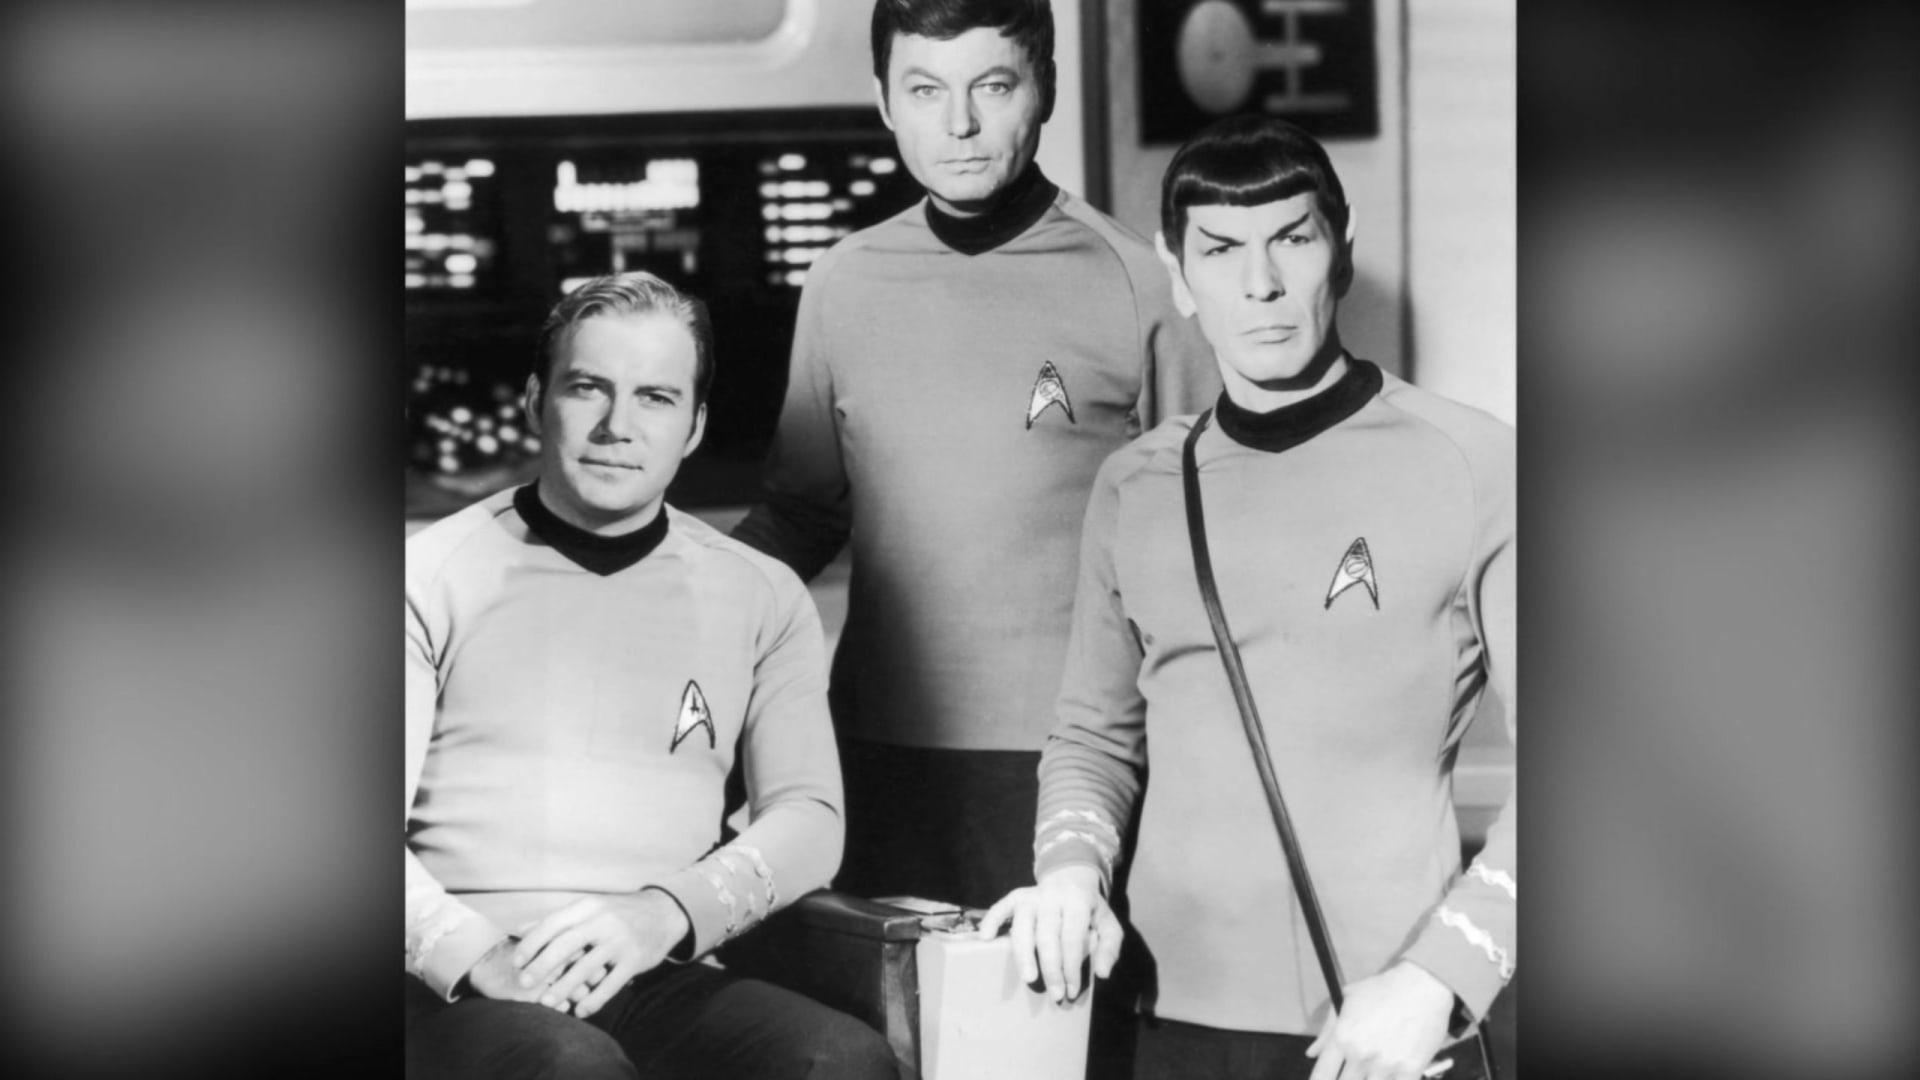 أخيرًا وبعمر 90 عامًا.. الكابتن كيرك يحلق فعليًا إلى الفضاء